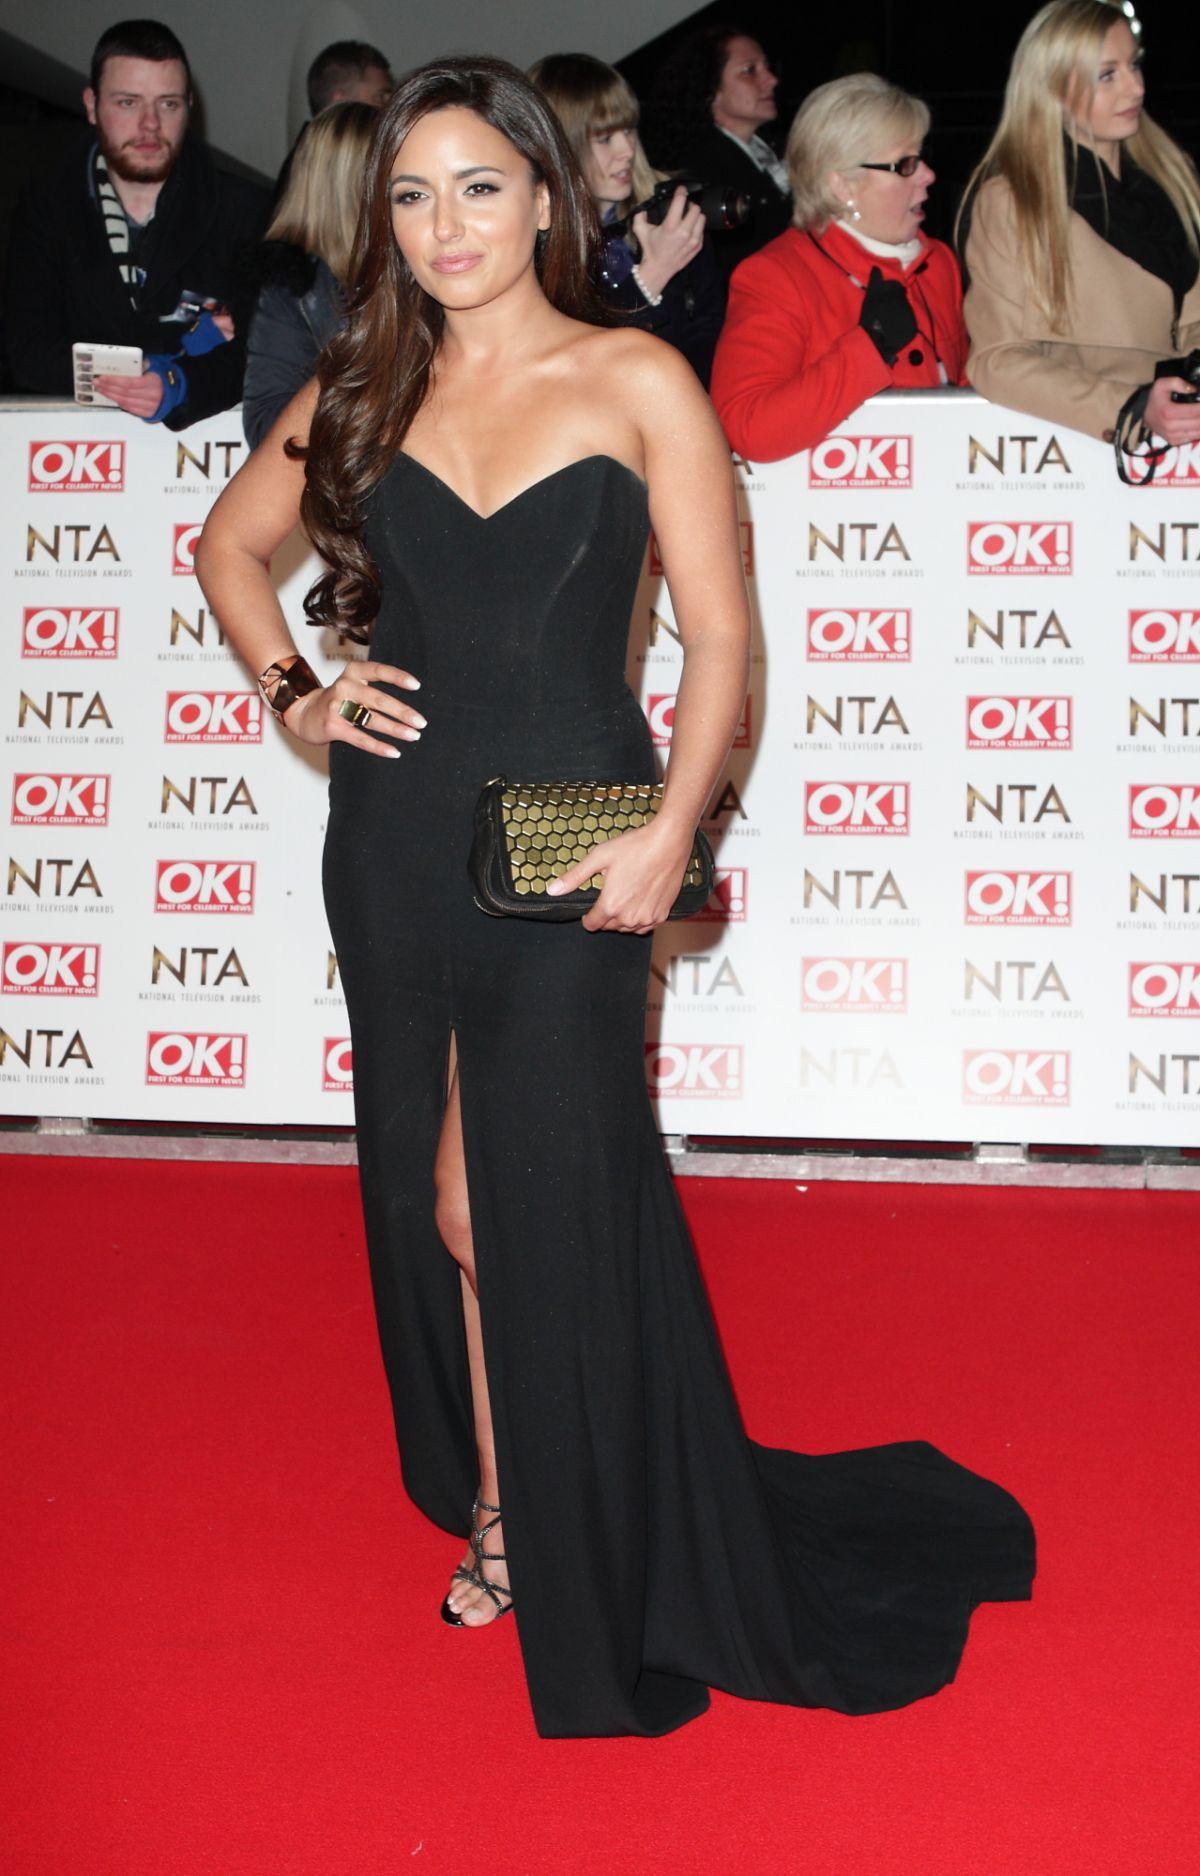 NADIA FORDE at 2015 National Television Awards in London